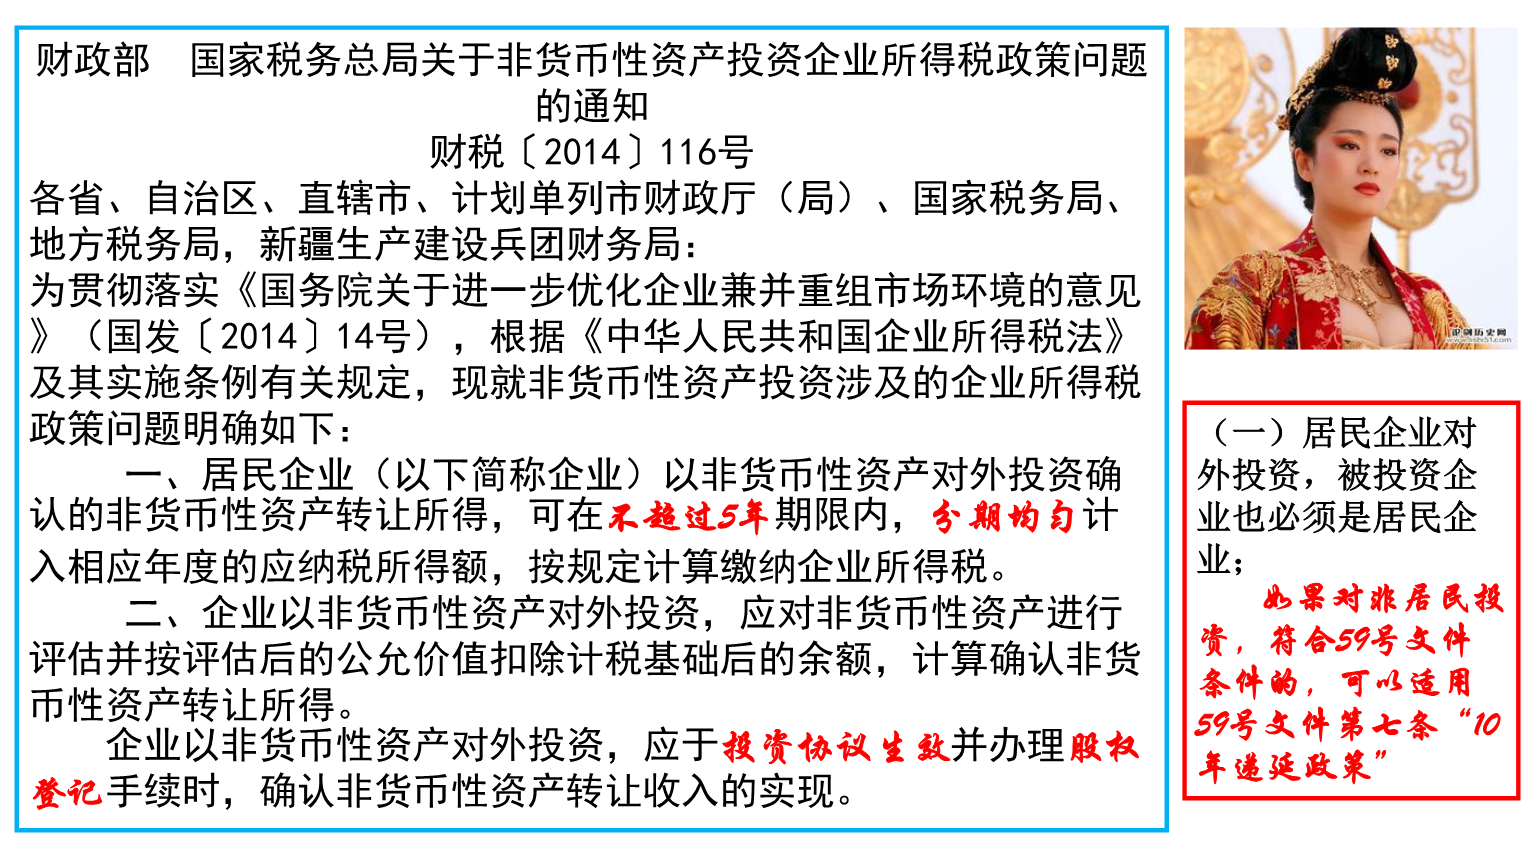 16,116号文件5年递延纳税感言(2015年6月14日).ppt青春初中政策图片